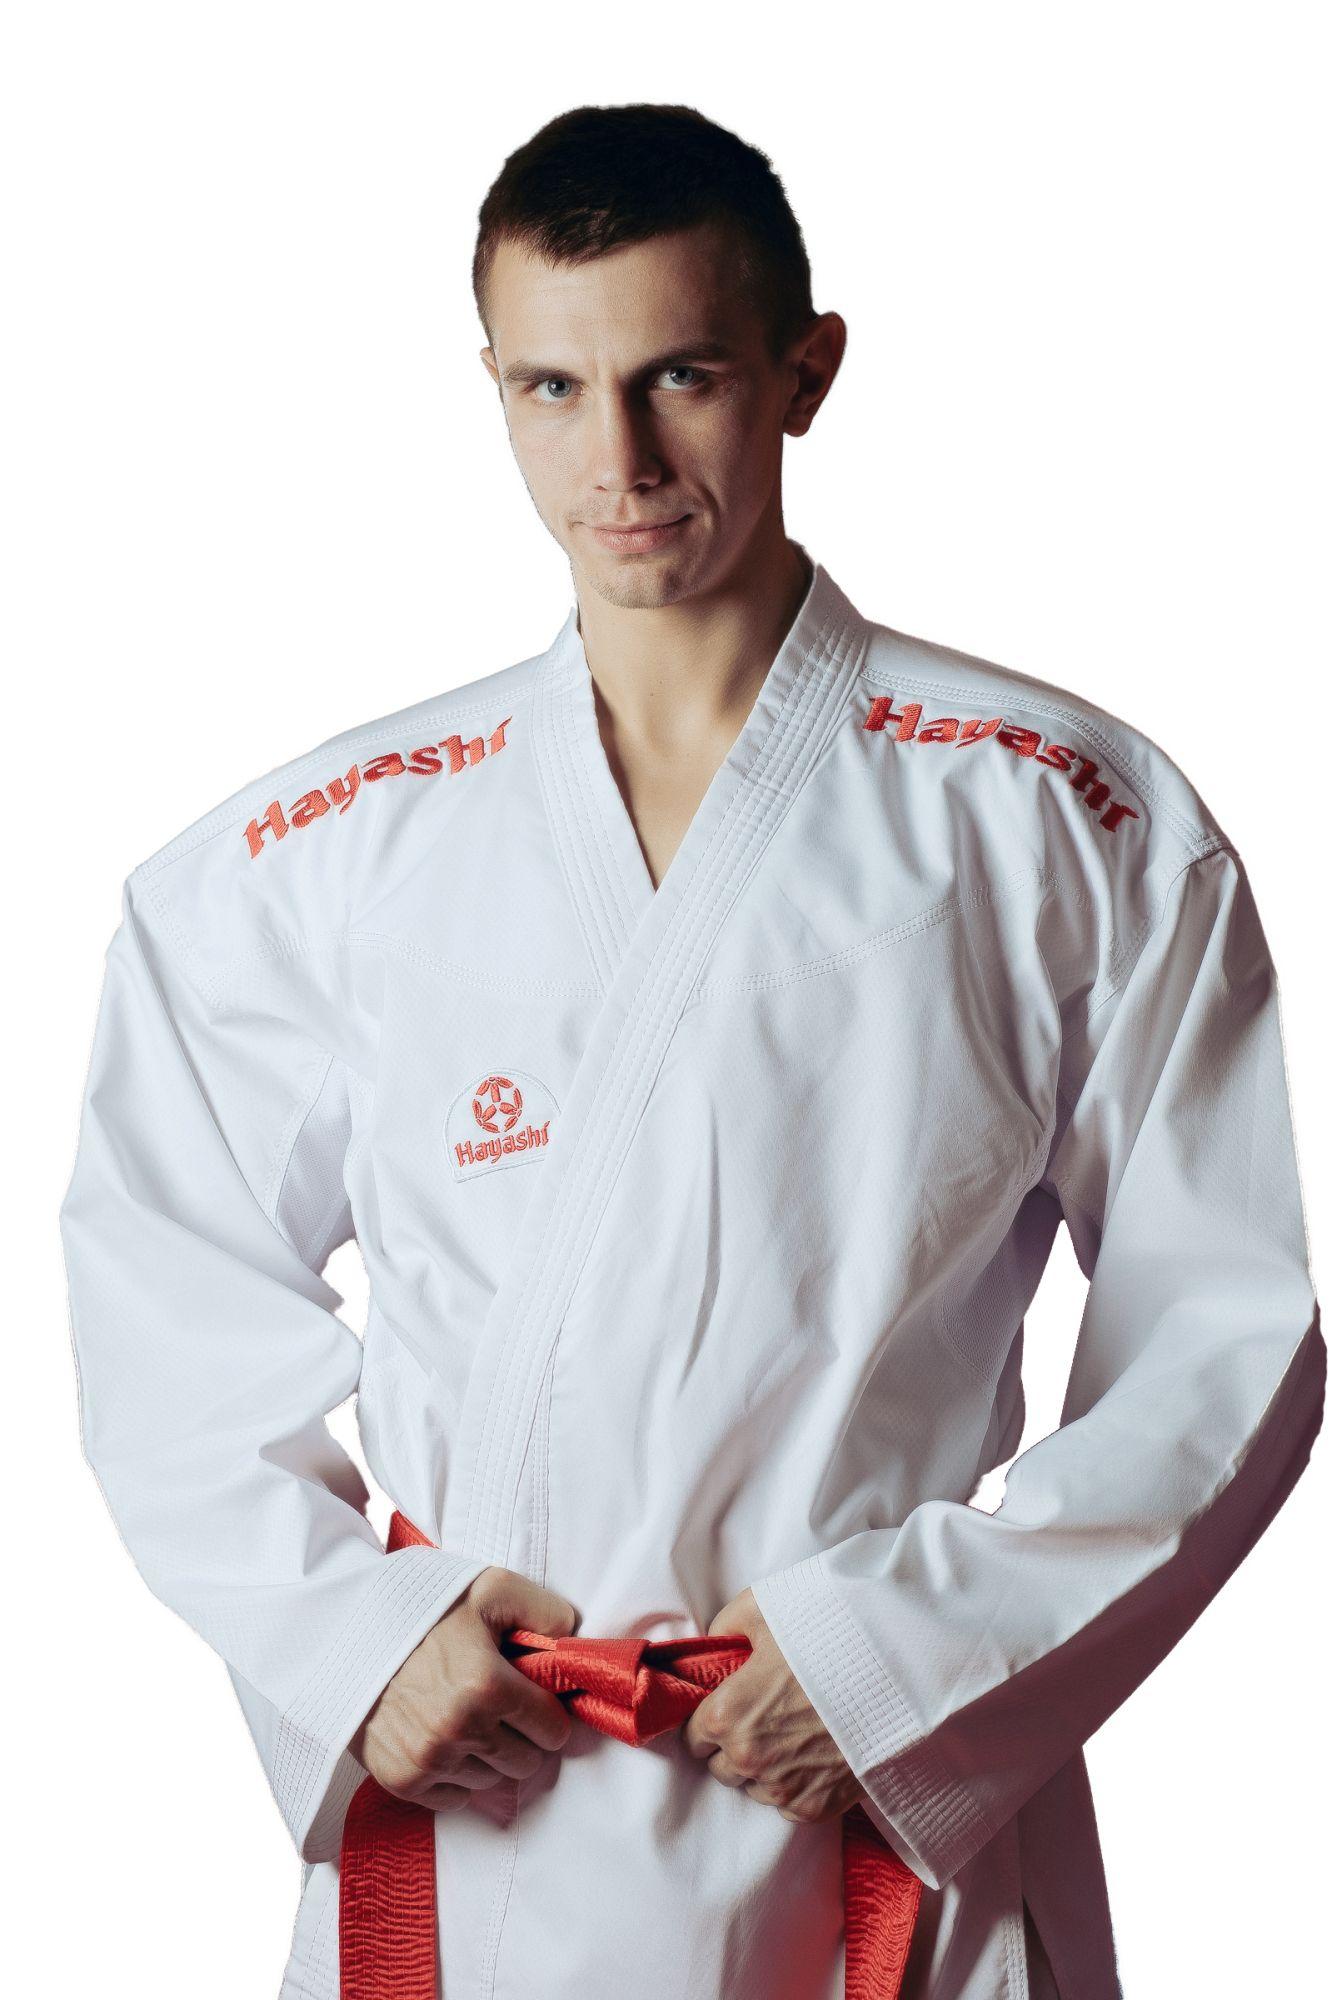 """Hayashi Karatepak """"Champion Flexz"""" (WKF approved) Wit - rood"""